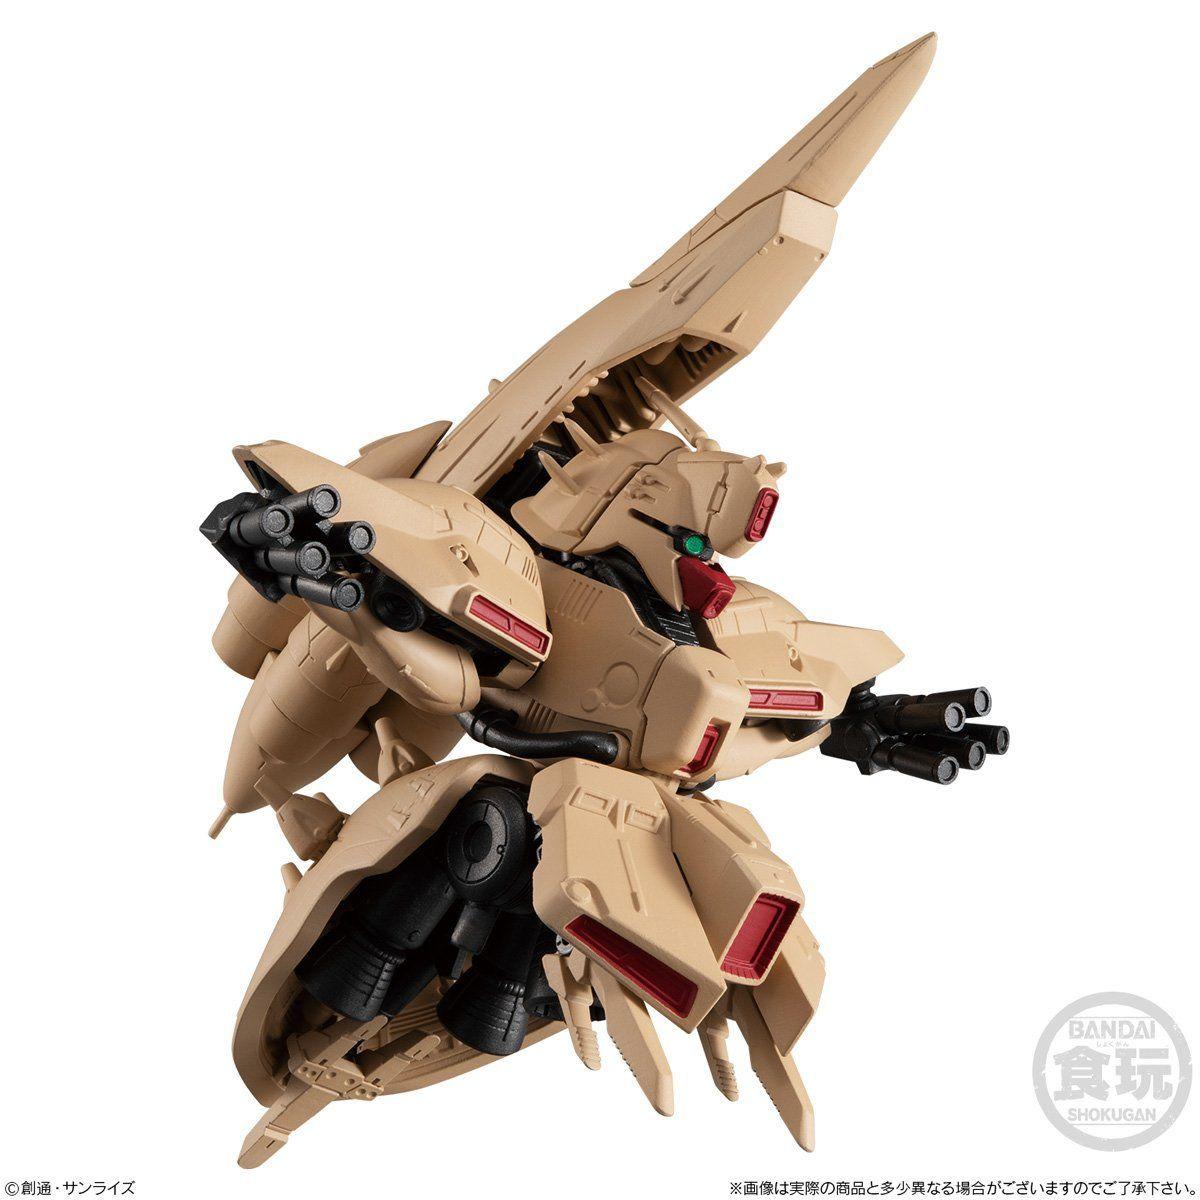 【食玩】FWコンバージ『FW GUNDAM CONVERGE EX33 α・アジール』機動戦士ガンダム 逆襲のシャア デフォルメ可動フィギュア-002